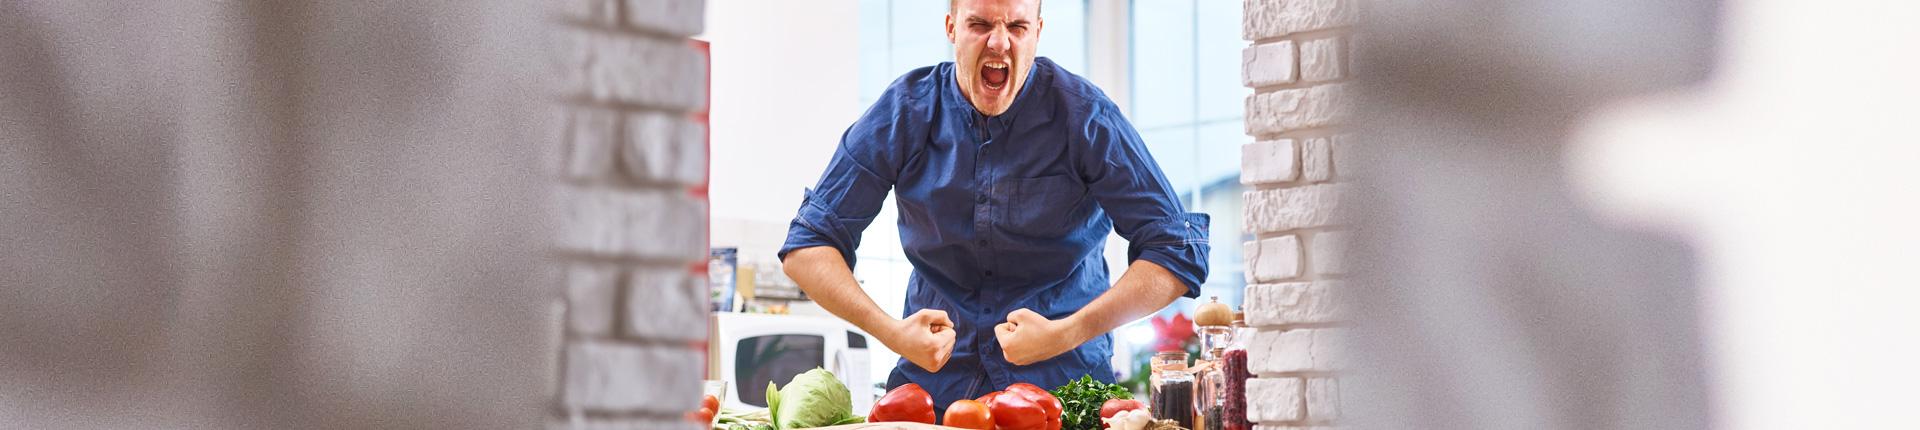 Jak skrócić czas w kuchni? 5 sposobów na szybsze przygotowywanie posiłków